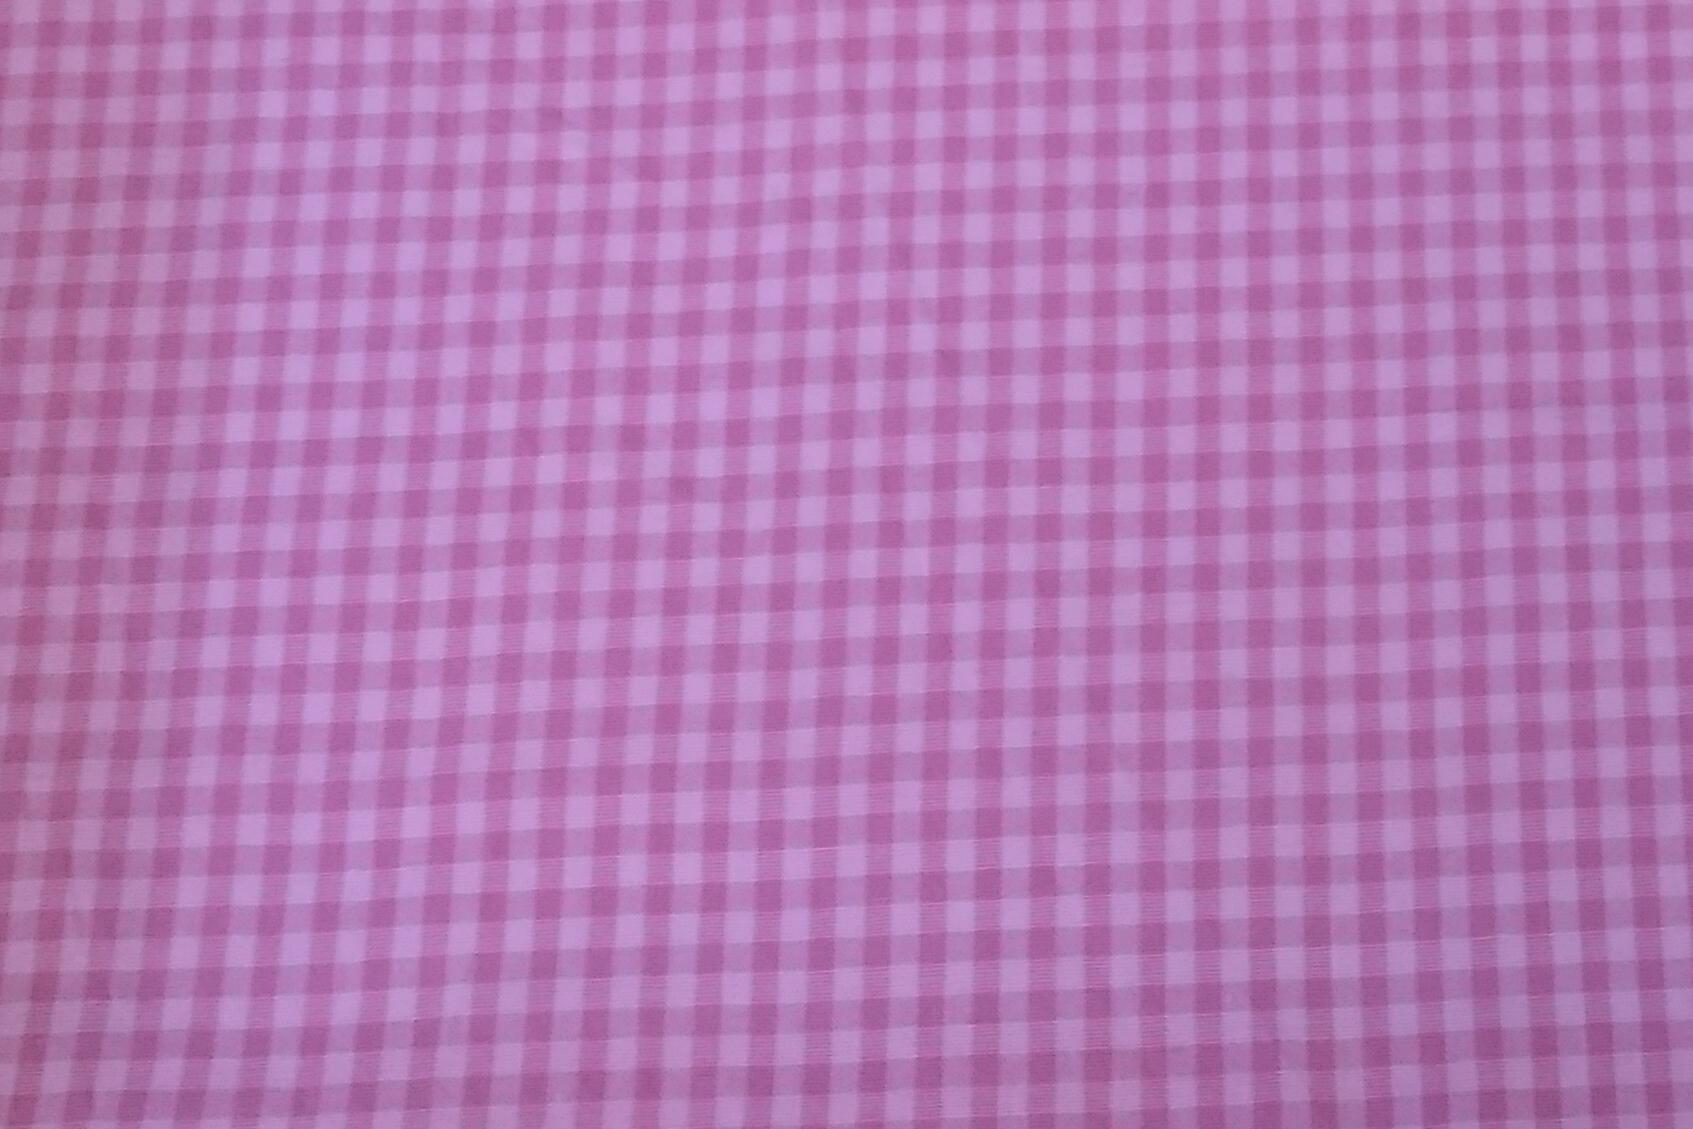 Baumwolle kariert/ Karo/ Kästchen, rosa/ weiß, 140cm breit, 0.5m 5,50€